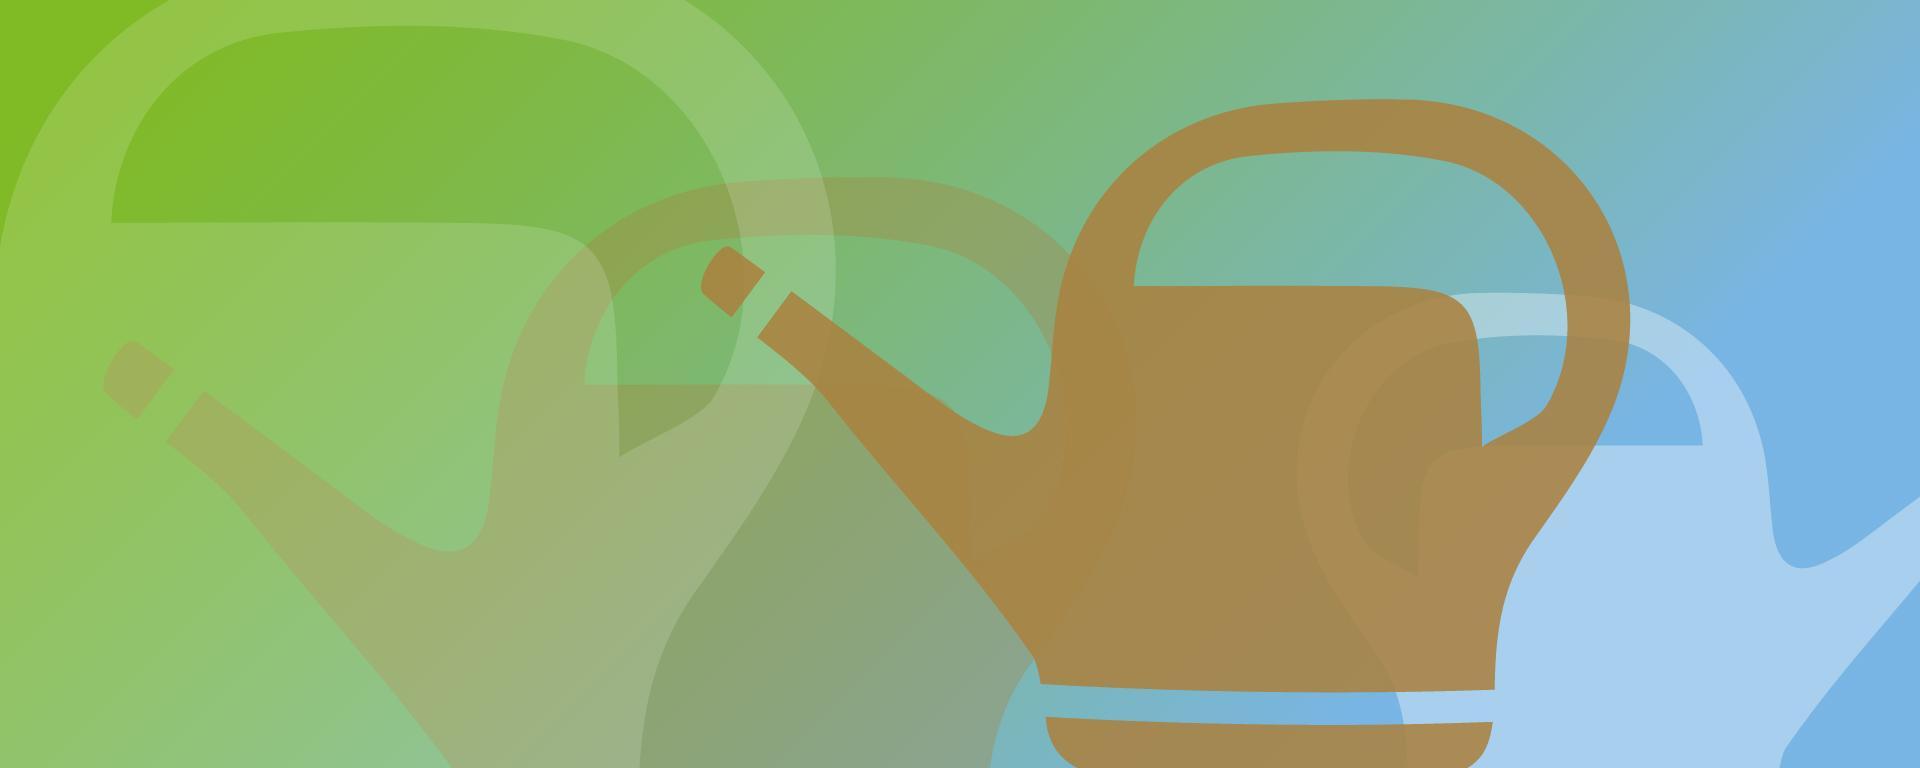 Motiv der Staatlichen Schlösser und Gärten Baden-Württemberg; Illustration: Staatliche Schlösser und Gärten Baden-Württemberg, JUNG:Kommunikation GmbHchlösser und Gärten Baden-Württemberg, JUNG:Kommunikation GmbH